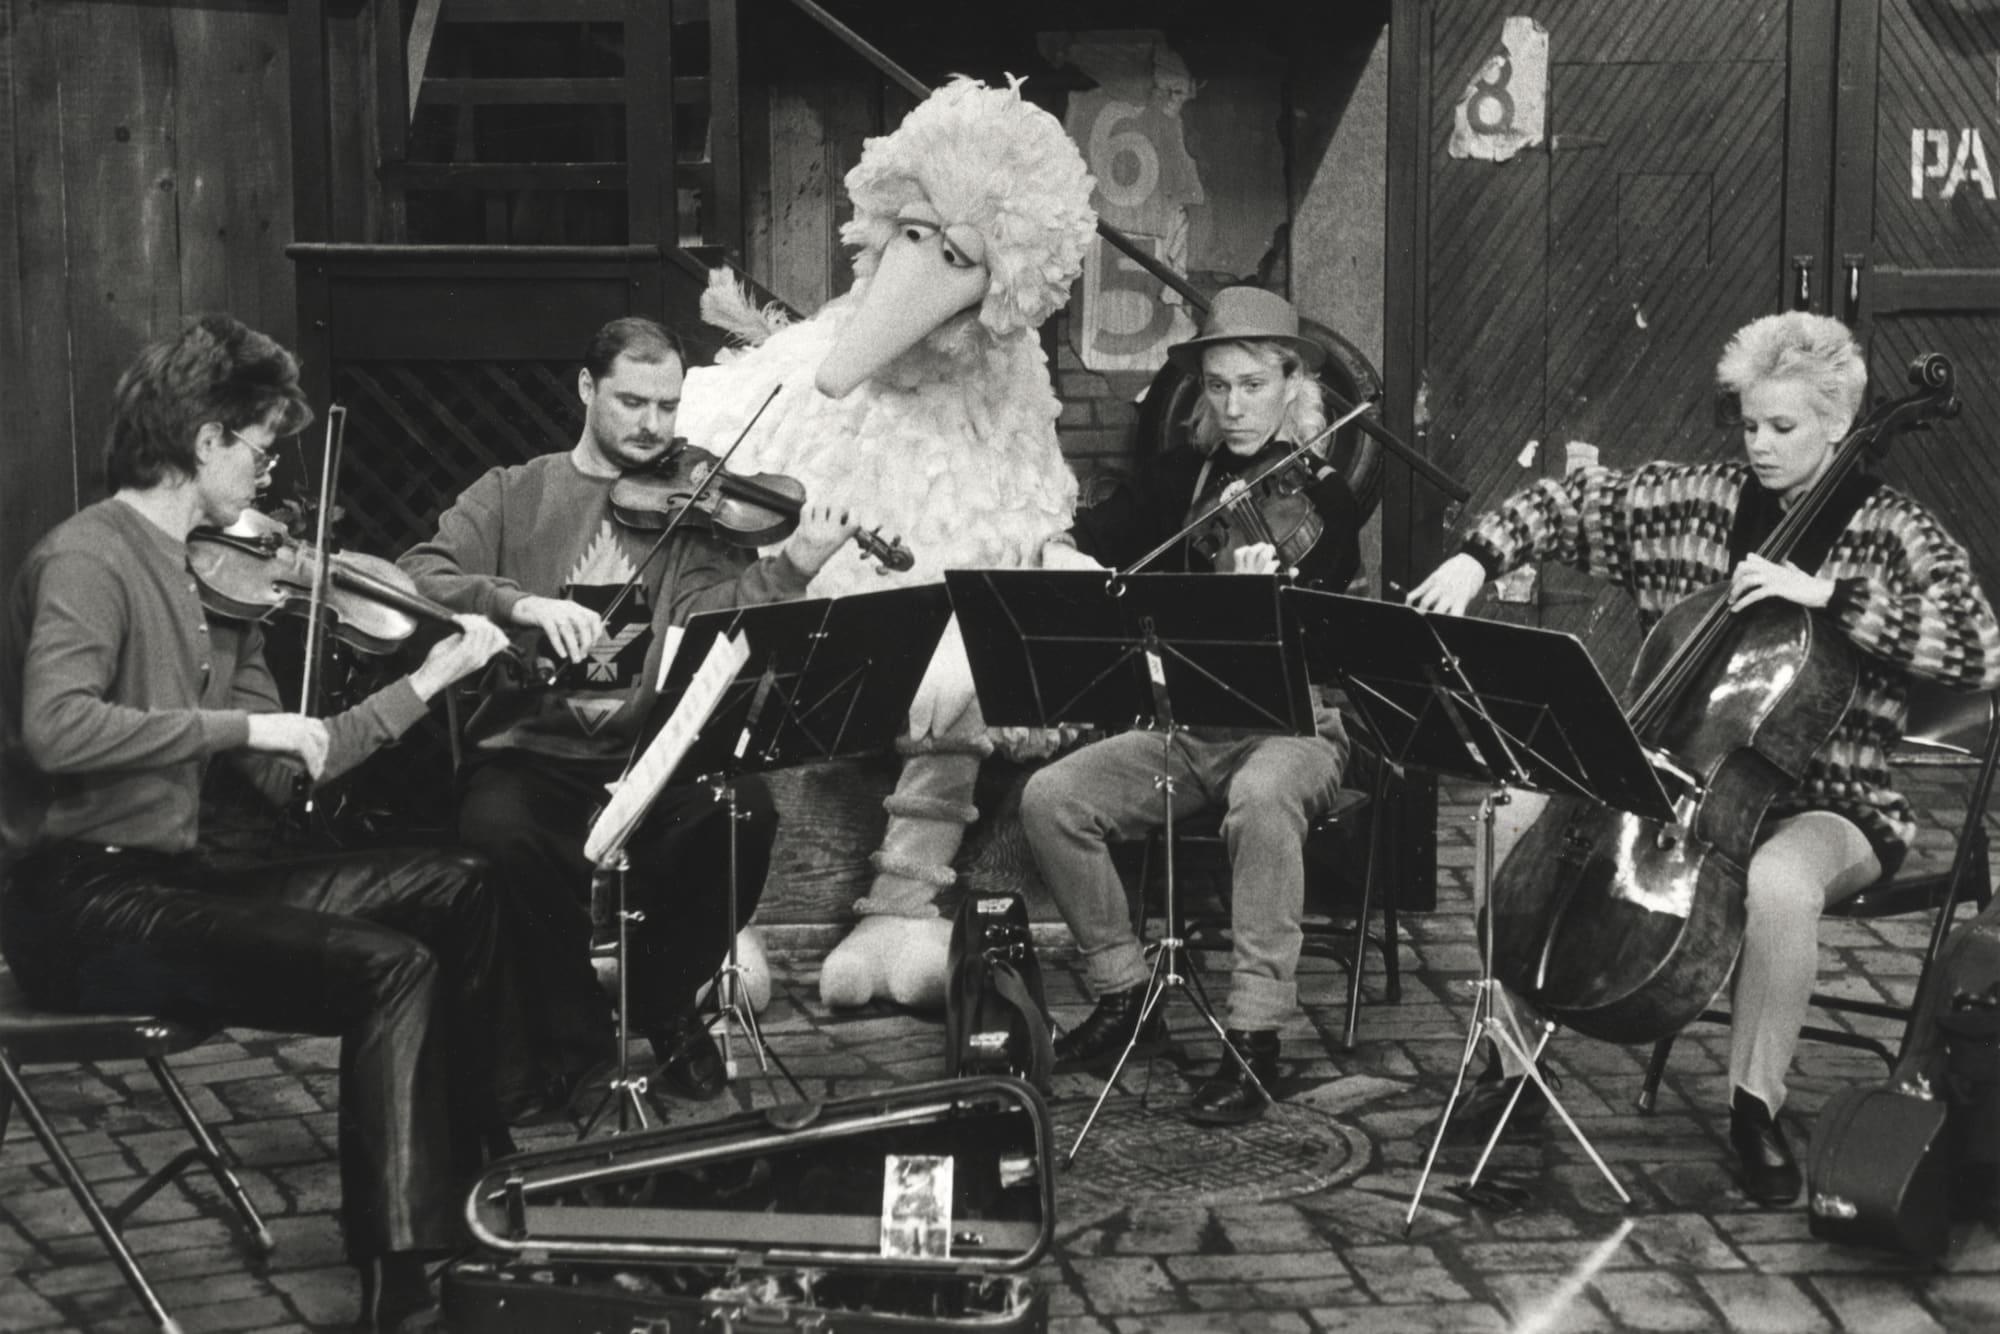 Kronos Quartet with Big Bird in 1987